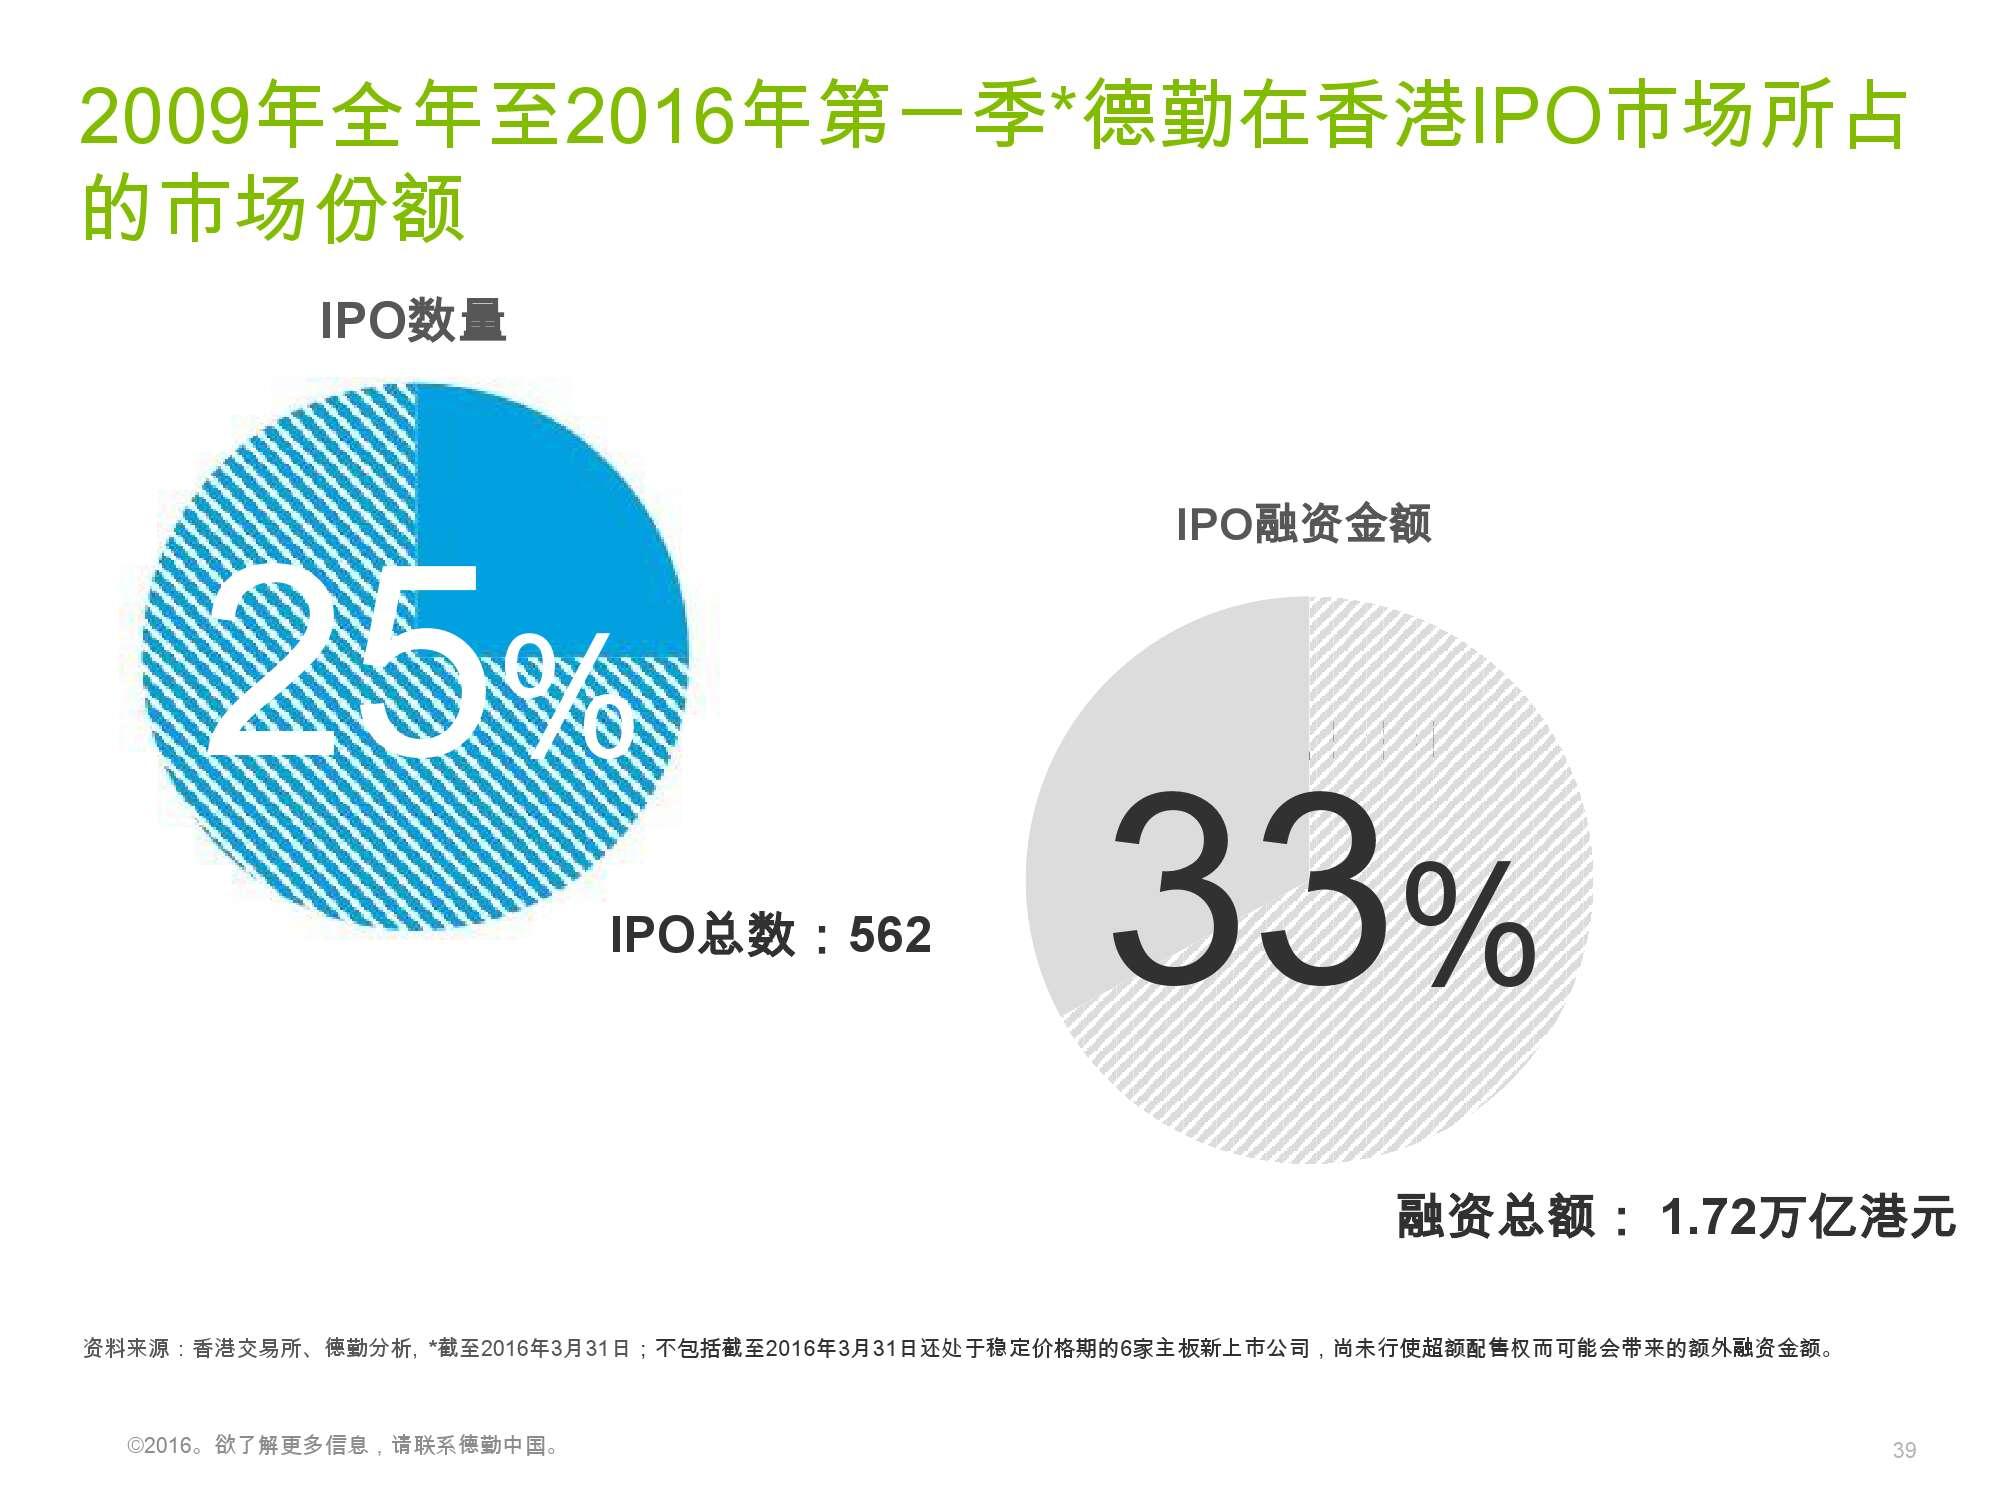 香港及中国大陆IPO市场2016年1季度_000039